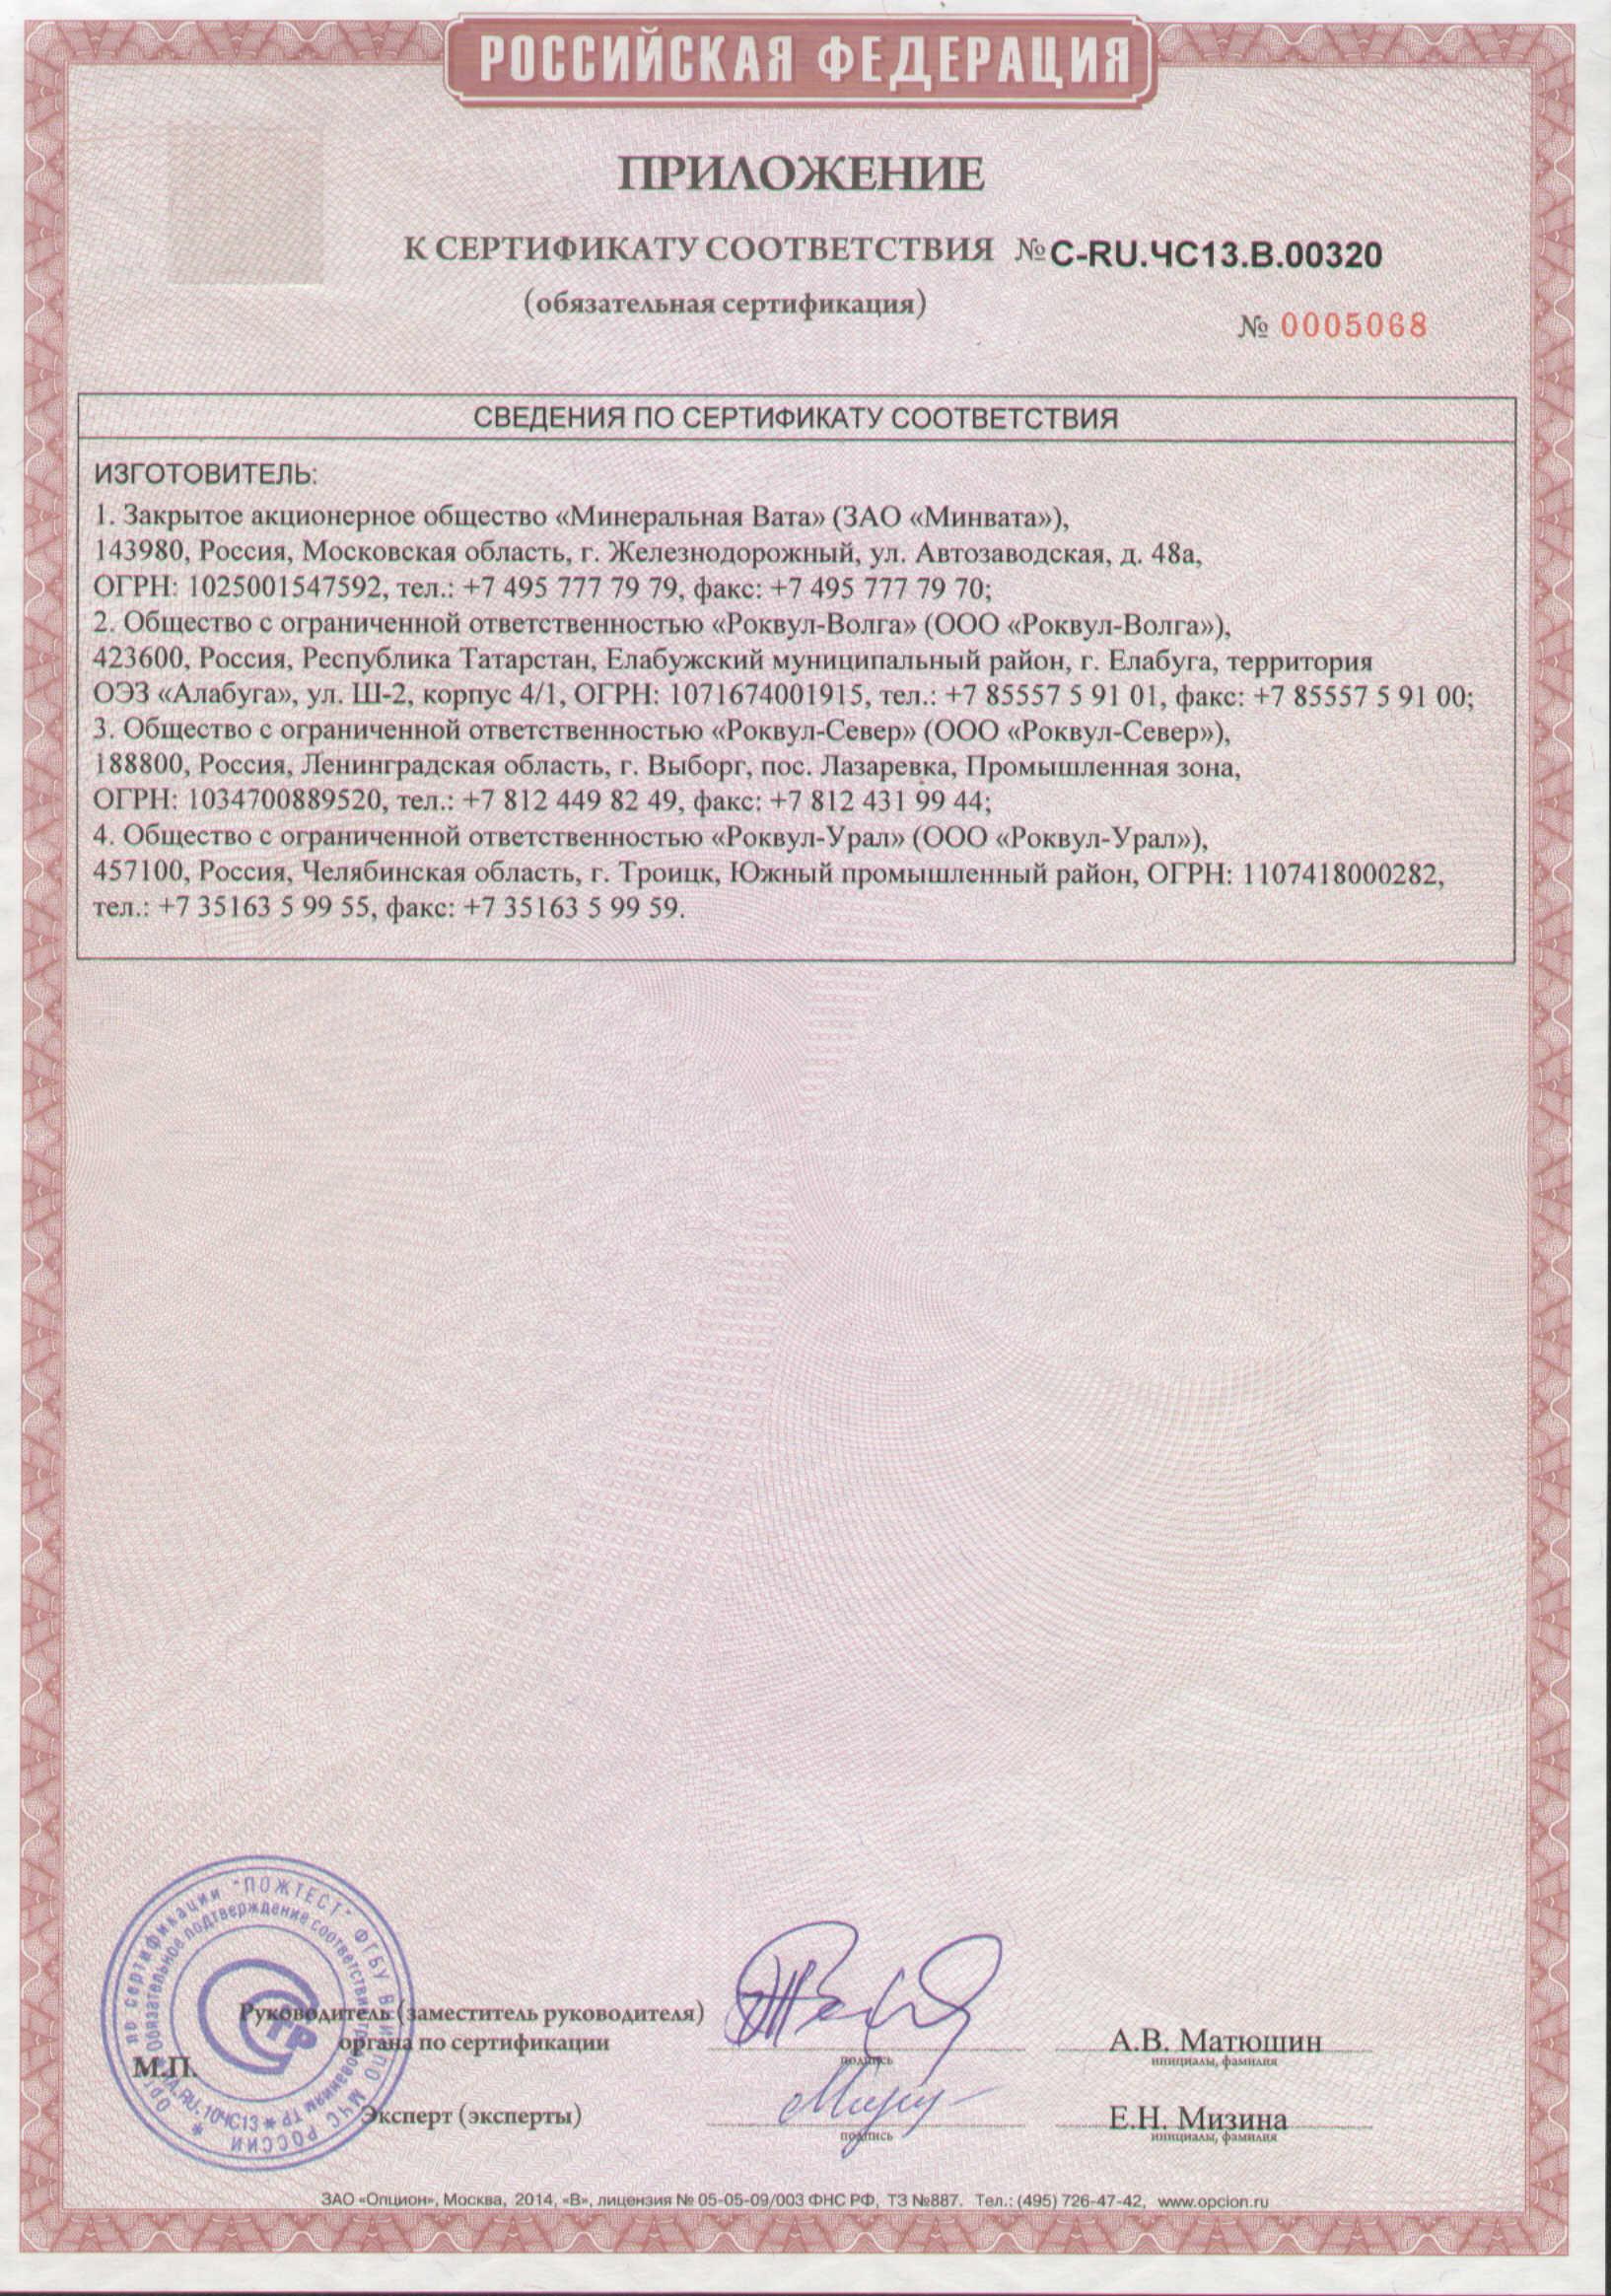 роквул лайт баттс сертификат